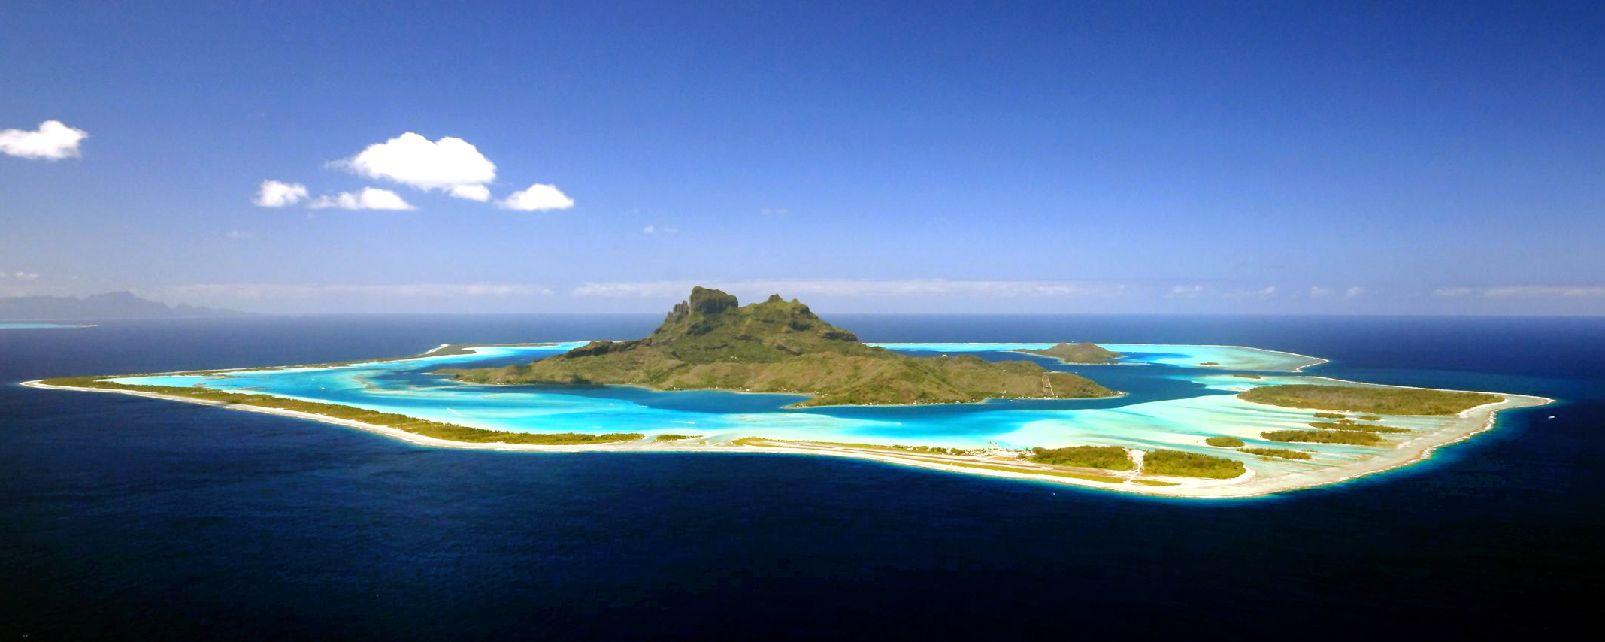 Bora Bora , The motus , French Polynesia